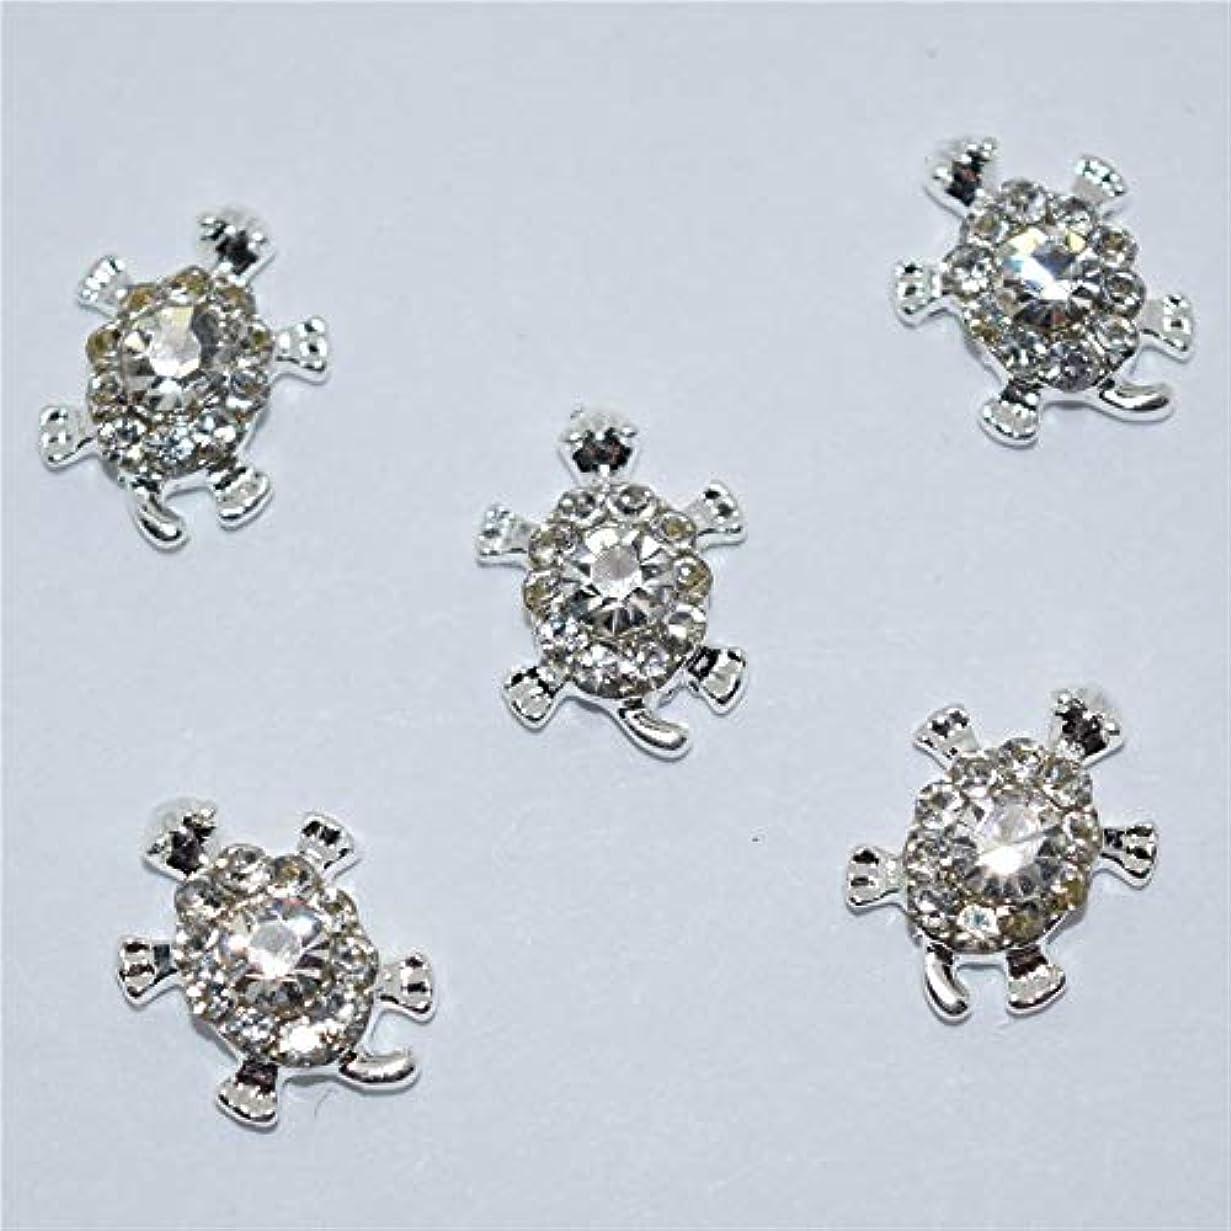 元気失礼中で10個入り新ホワイトダイヤモンド亀3Dネイルアートの装飾、合金ネイルチャーム、爪ラインストーンネイル用品